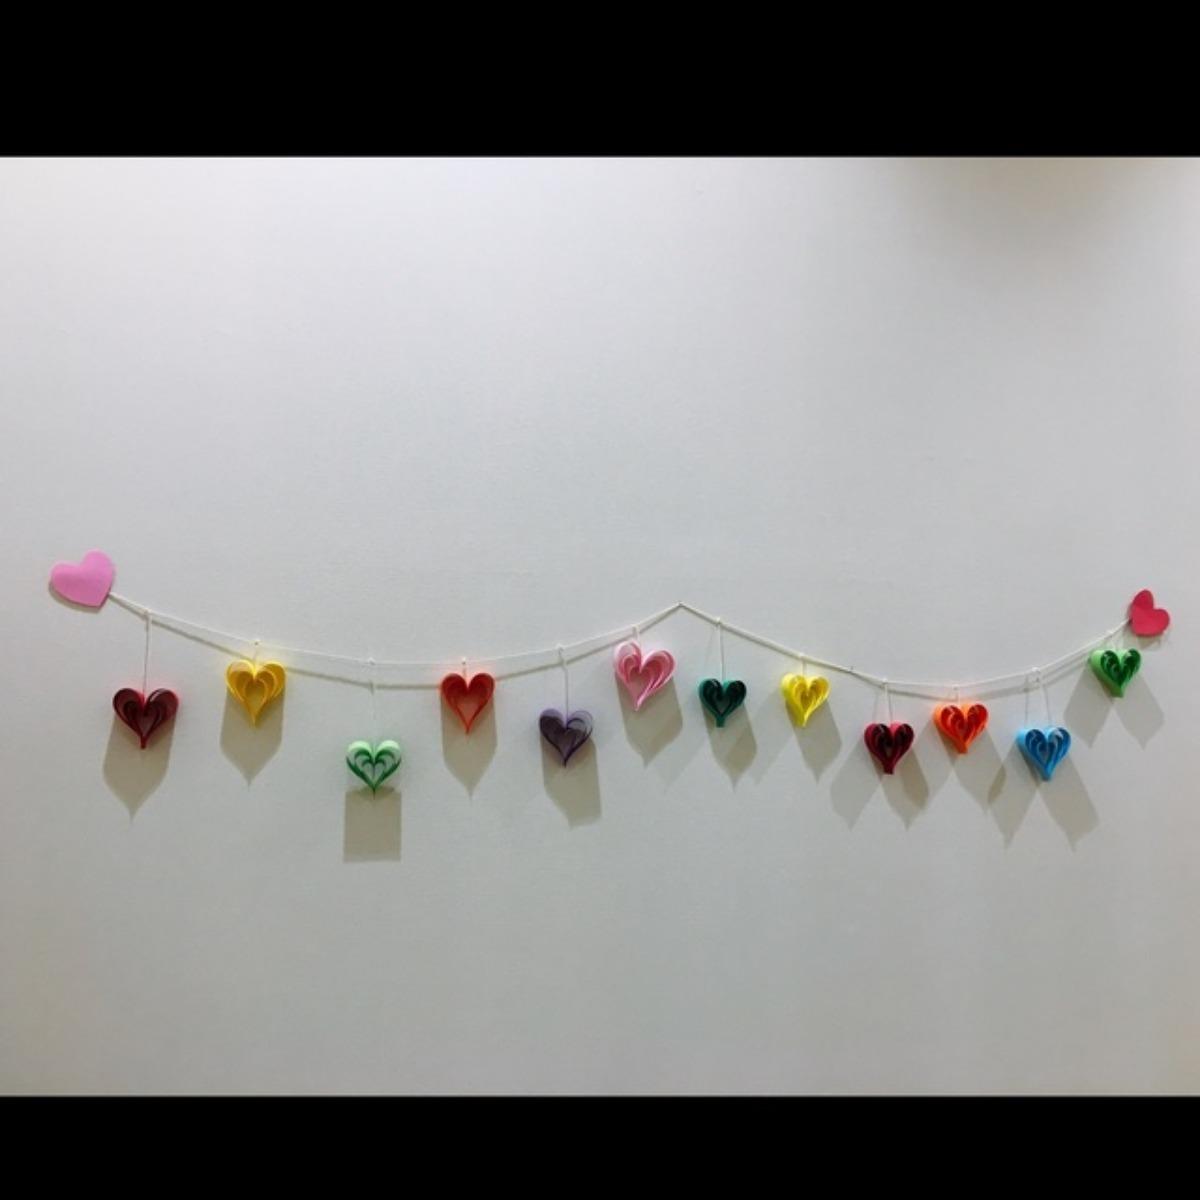 【アプリ投稿】ハート型ガーランド